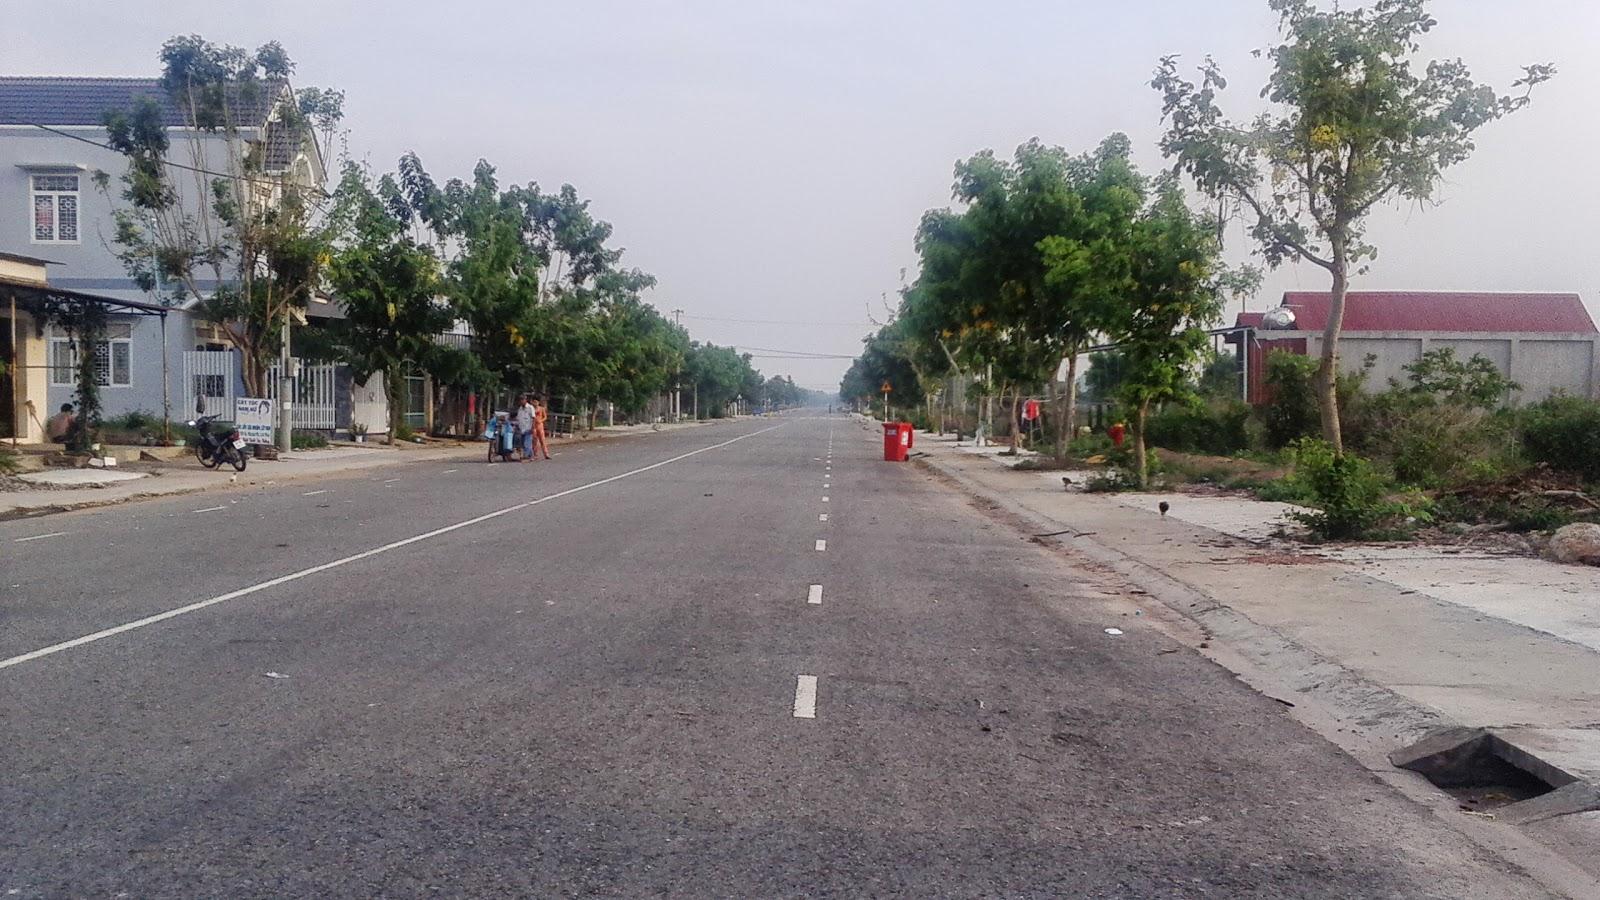 Bán đất thổ cư Quận 2 Nguyễn Văn Hưởng DT 2400m2 đối diện xéo Holm